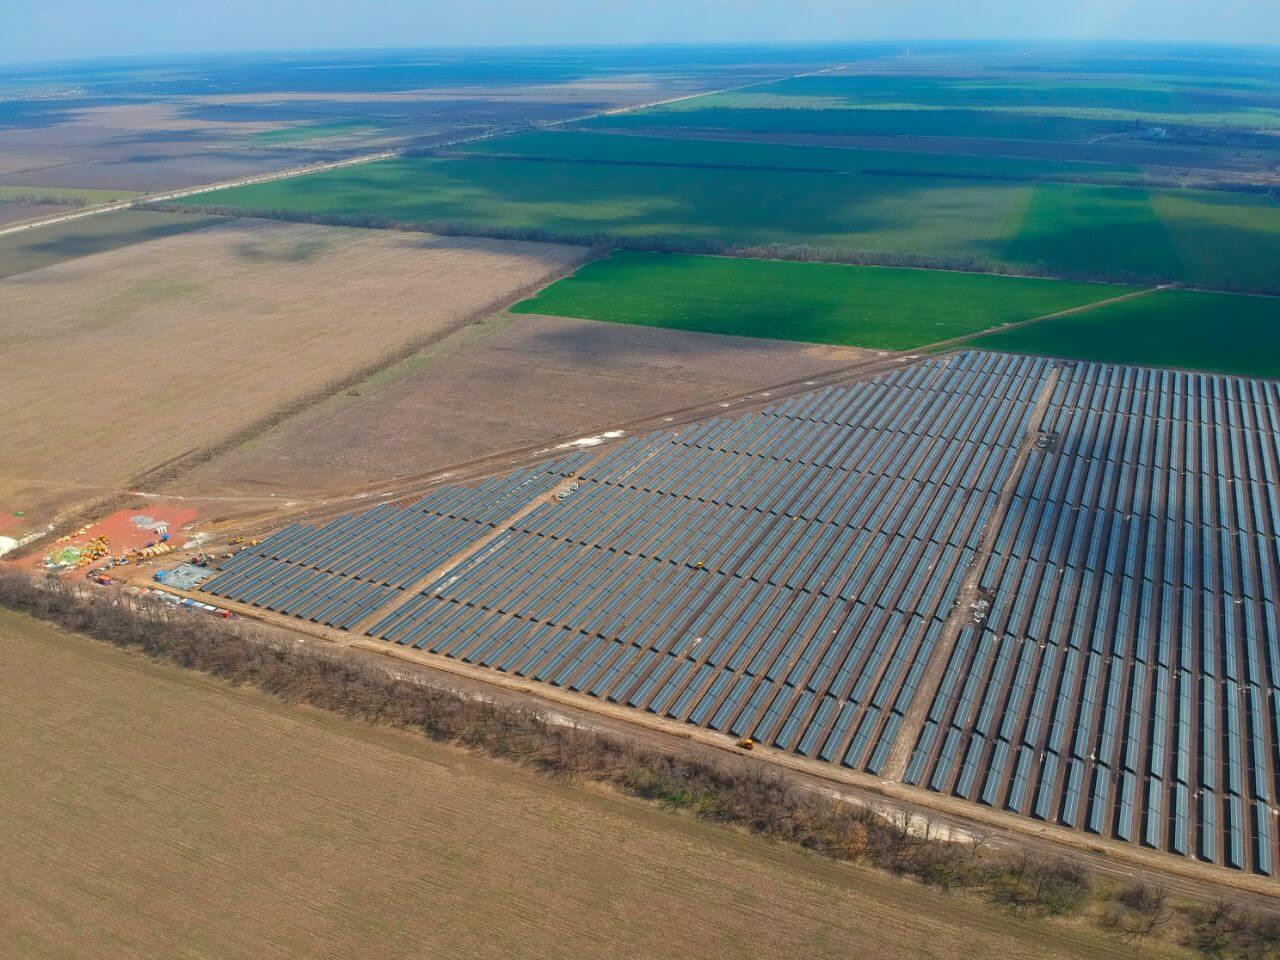 строительство СЭС, купить электростанцию, инвестиции в солнечную энергетику, инвестировать СЭС